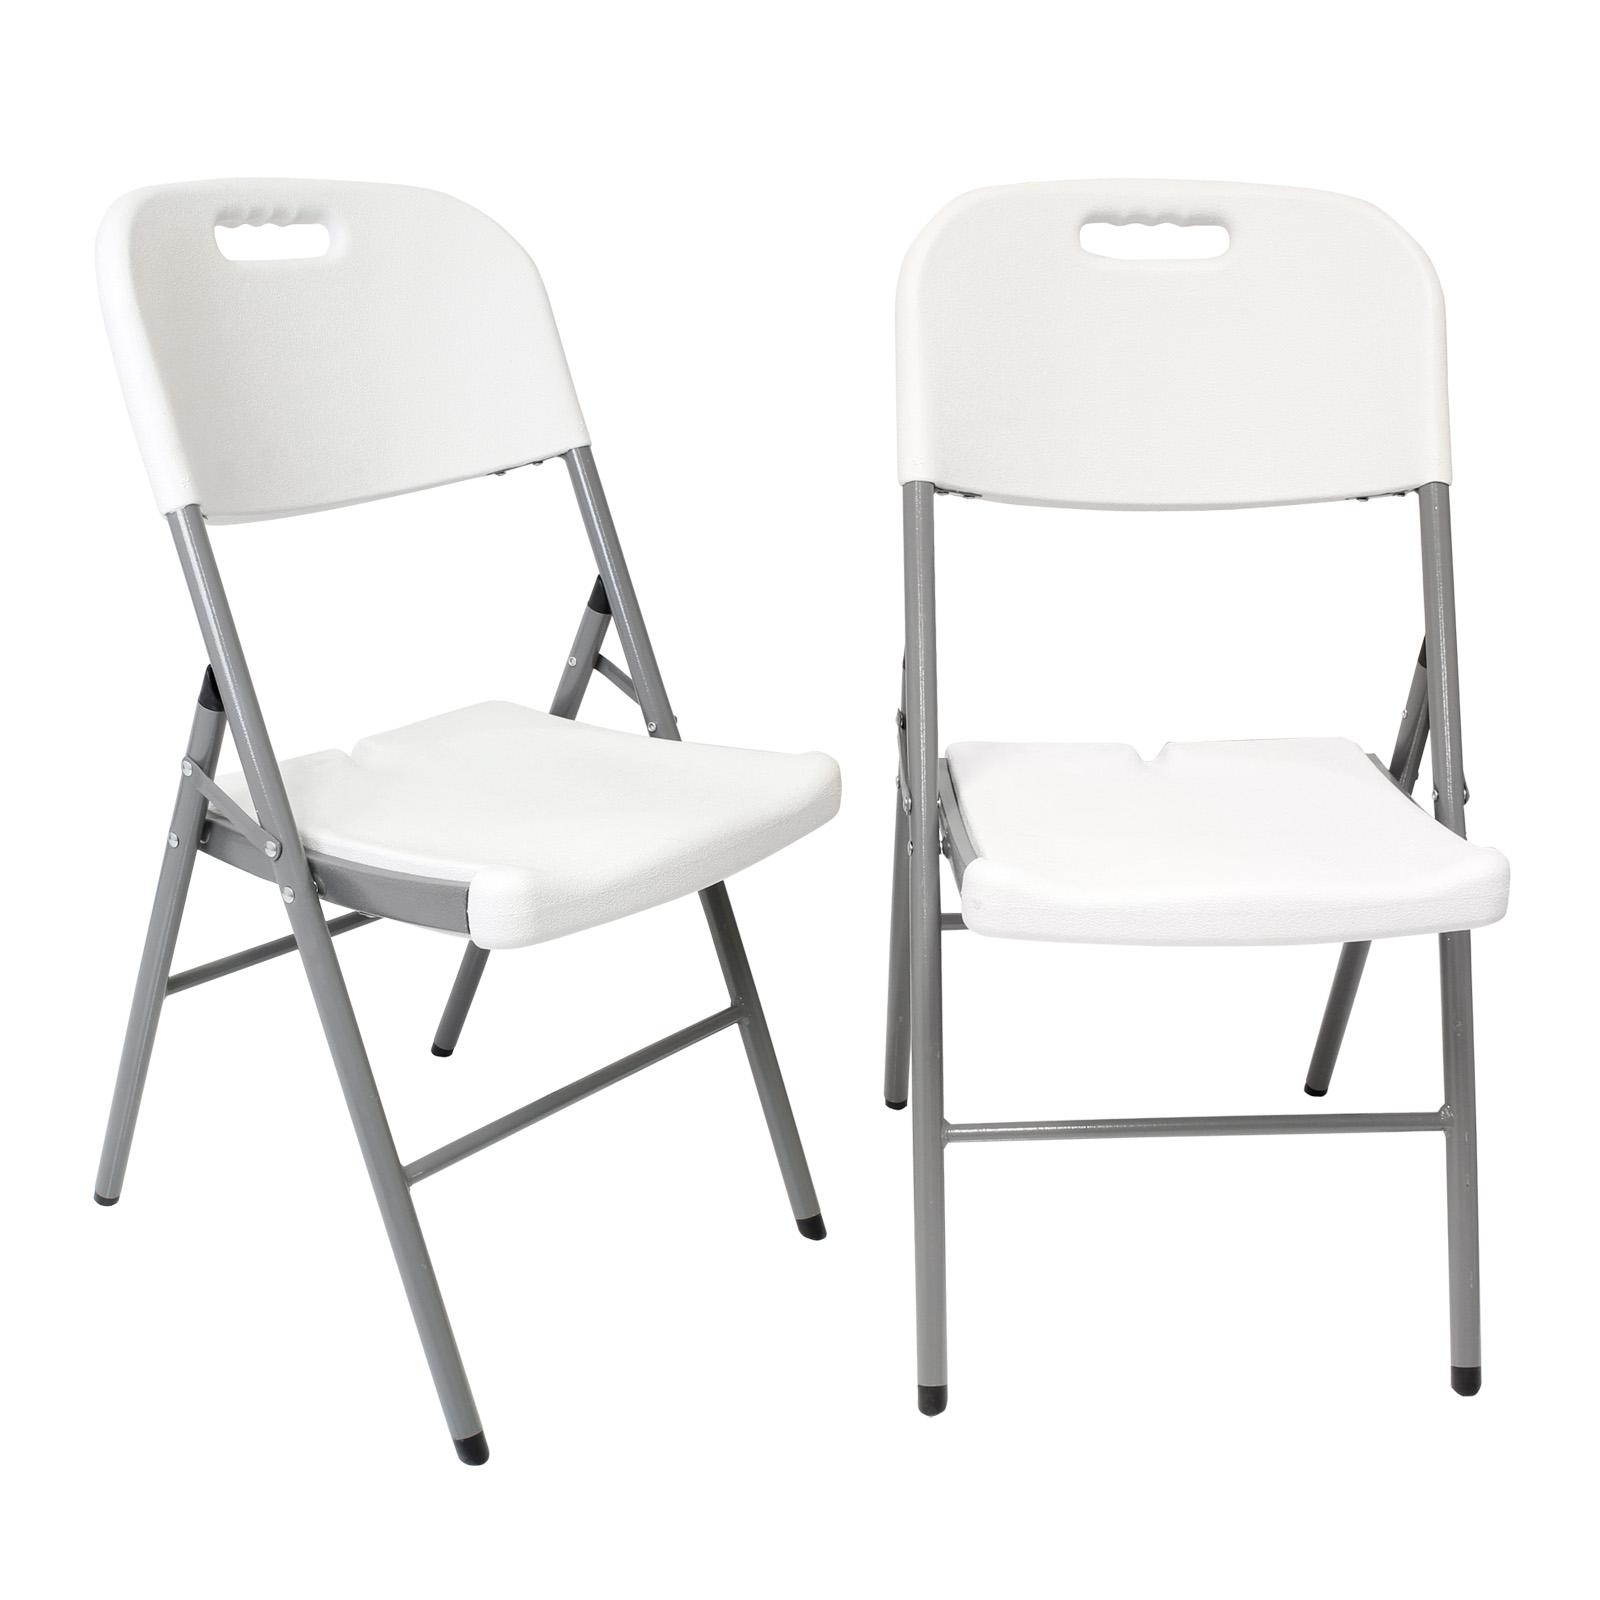 2 x exterior plegable sillas para jard n picnic camping - Sillas de jardin de plastico ...